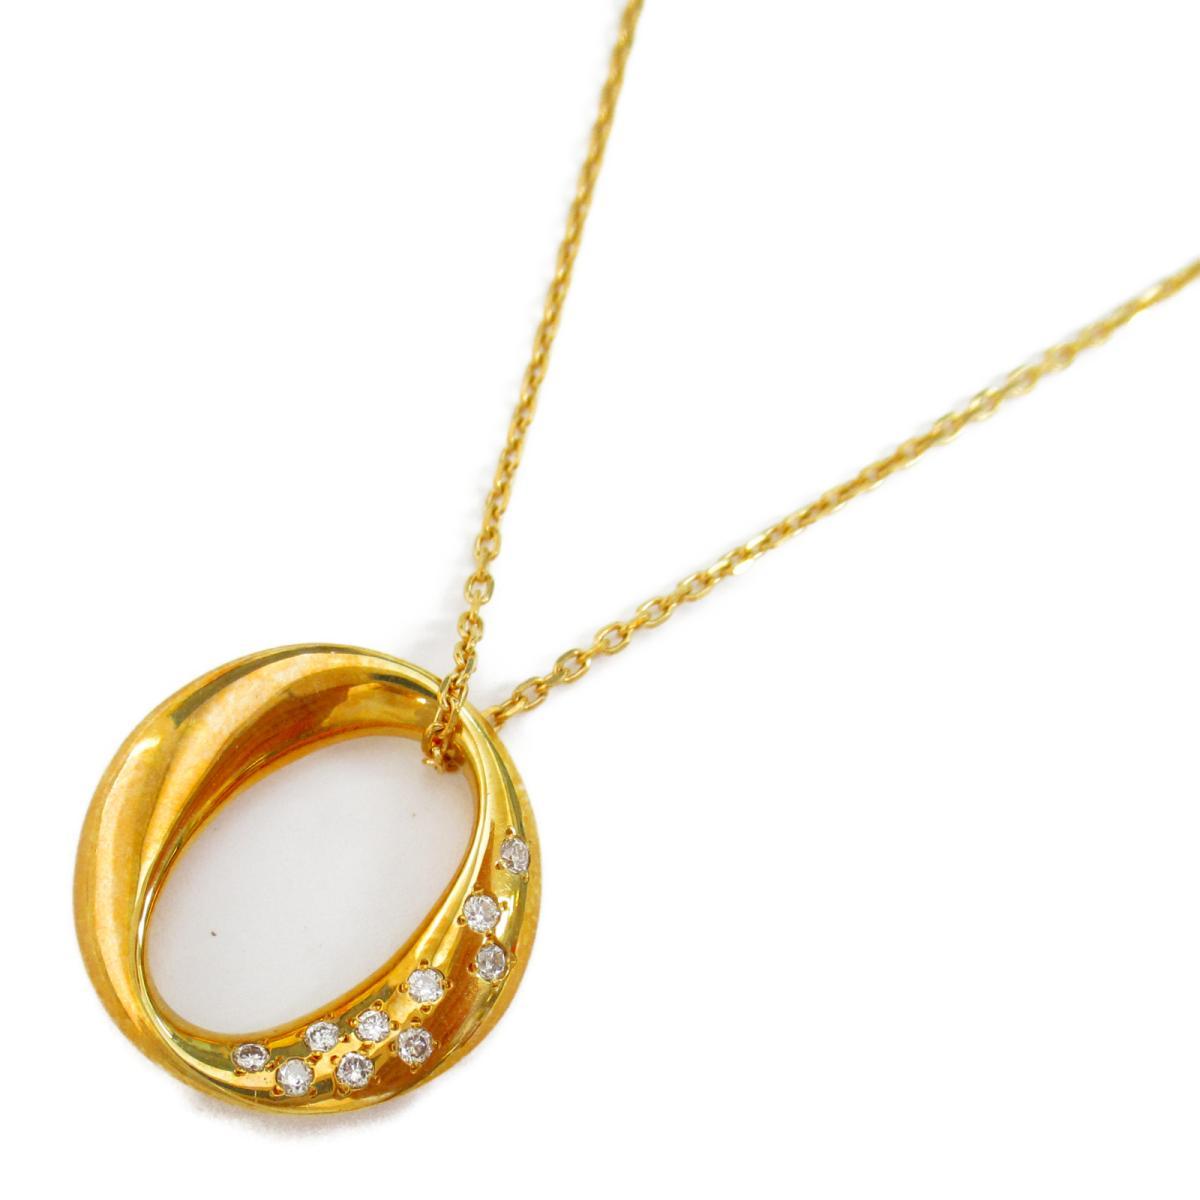 【中古】ジュエリー ダイヤモンド ネックレス ノーブランドジュエリー レディース K18YG(750) イエローゴールド x ダイヤモンド0.10ct x K18(イエローゴールド)